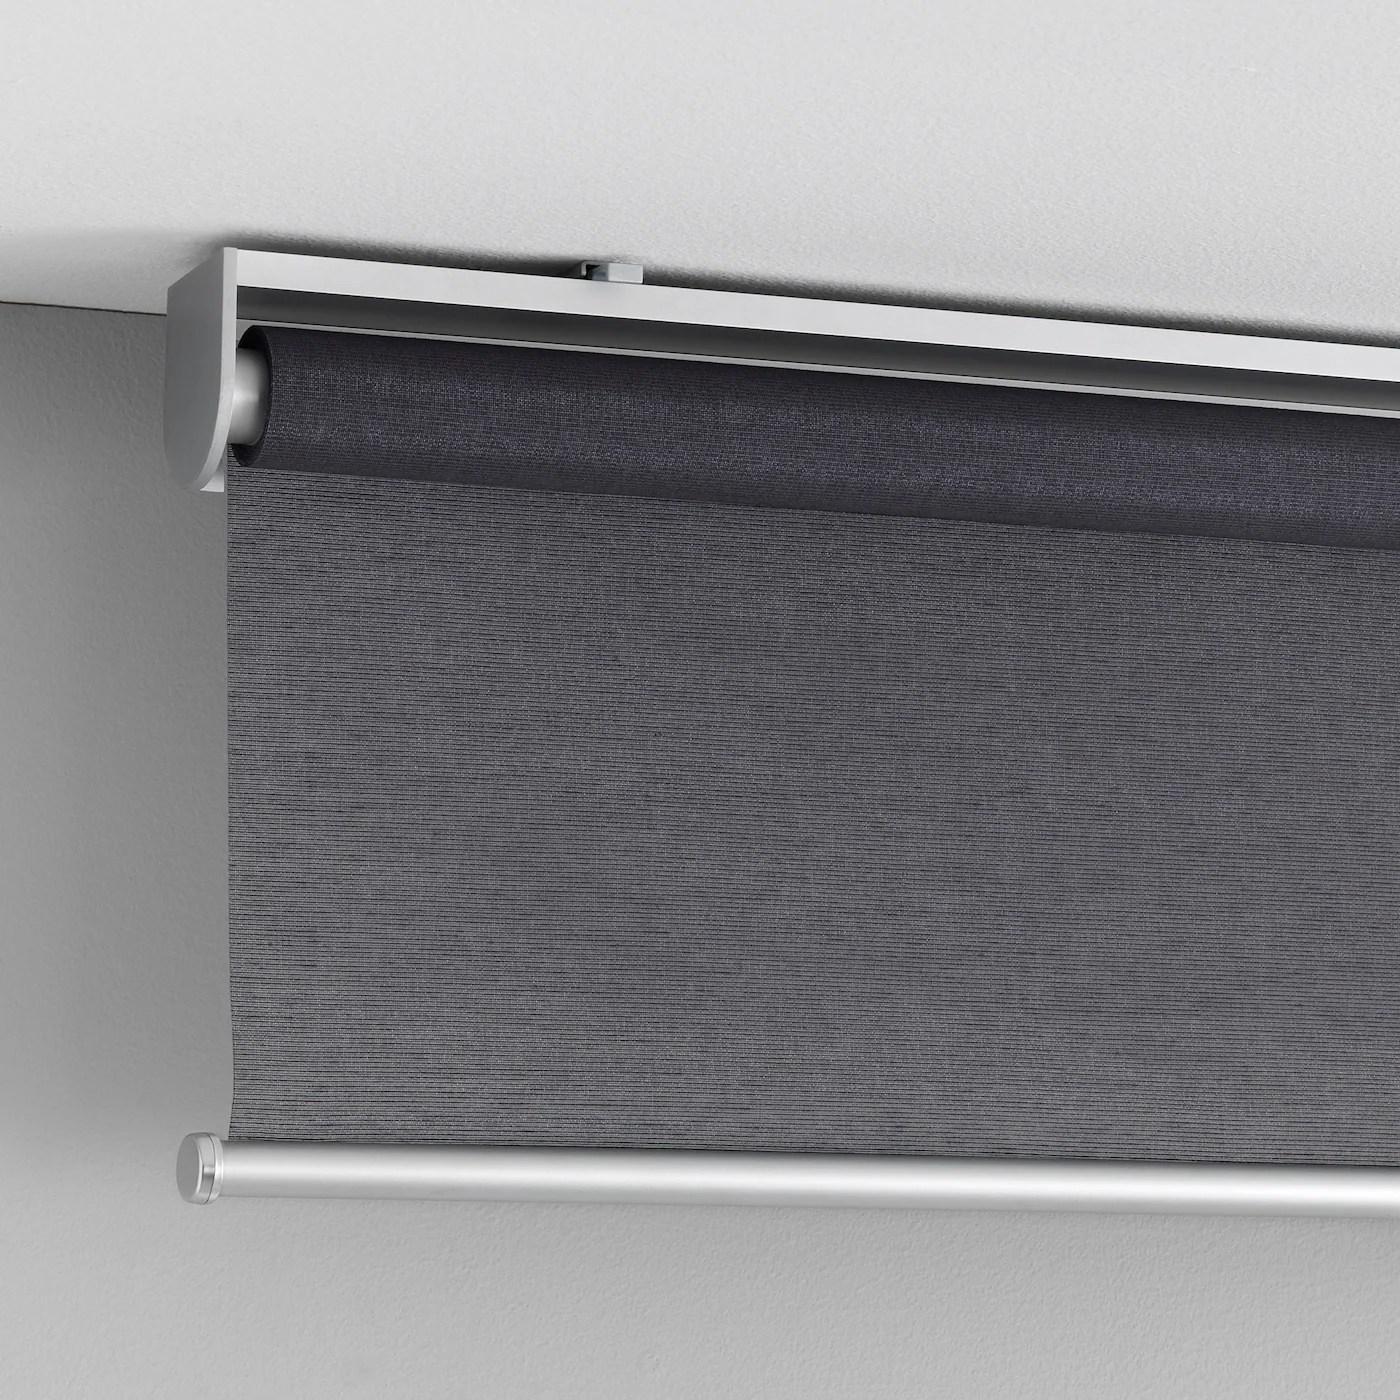 Prodotti 978330 prodotti per tende a rullo su misura ikea. Skogsklover Tenda A Rullo Grigio 140x195 Cm Ikea It